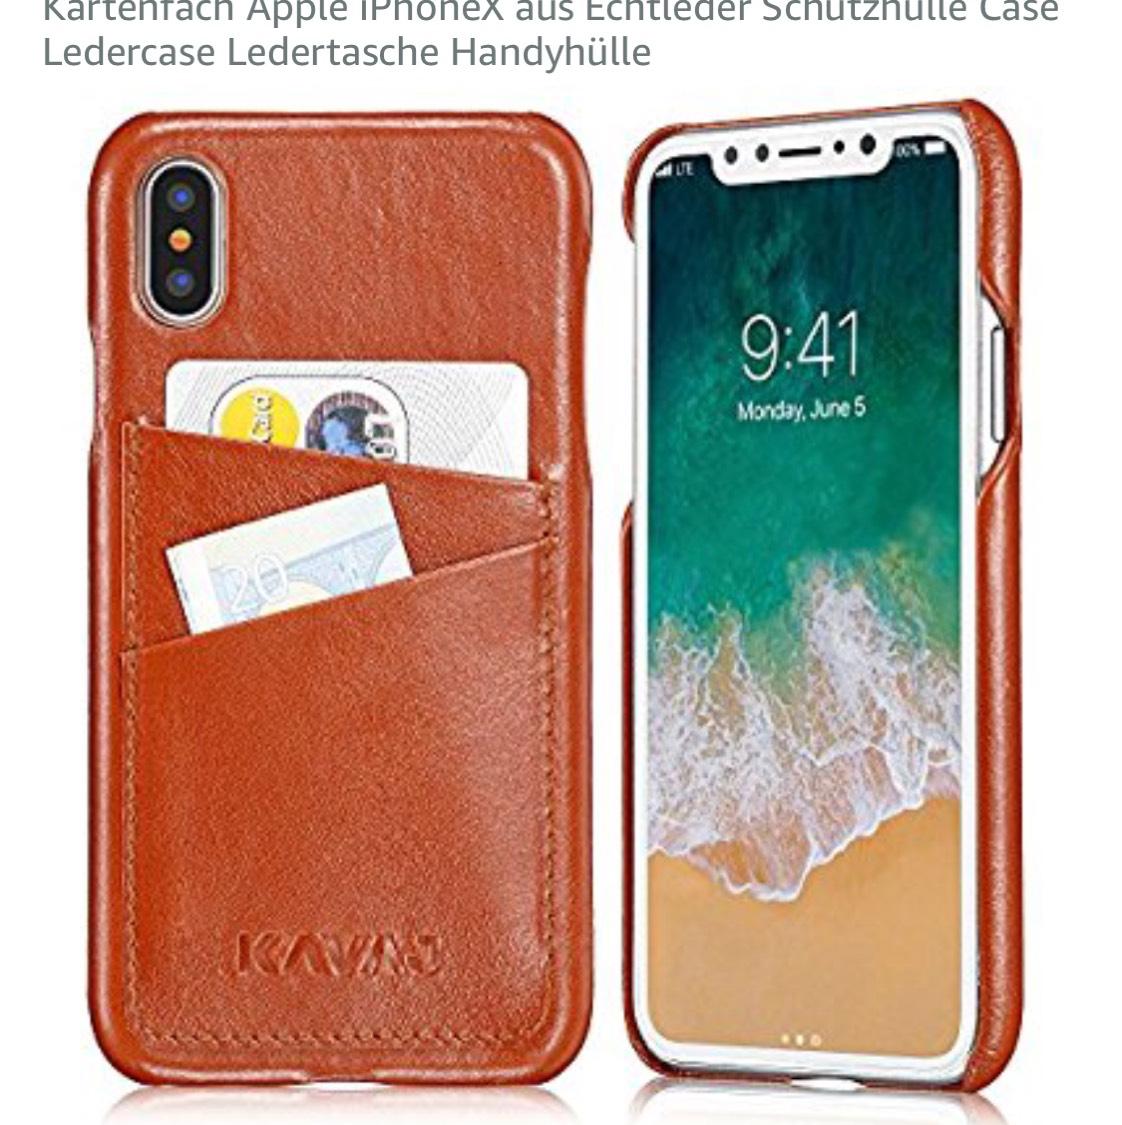 Kavaj Leder Case für das iPhone X bei AMAZON